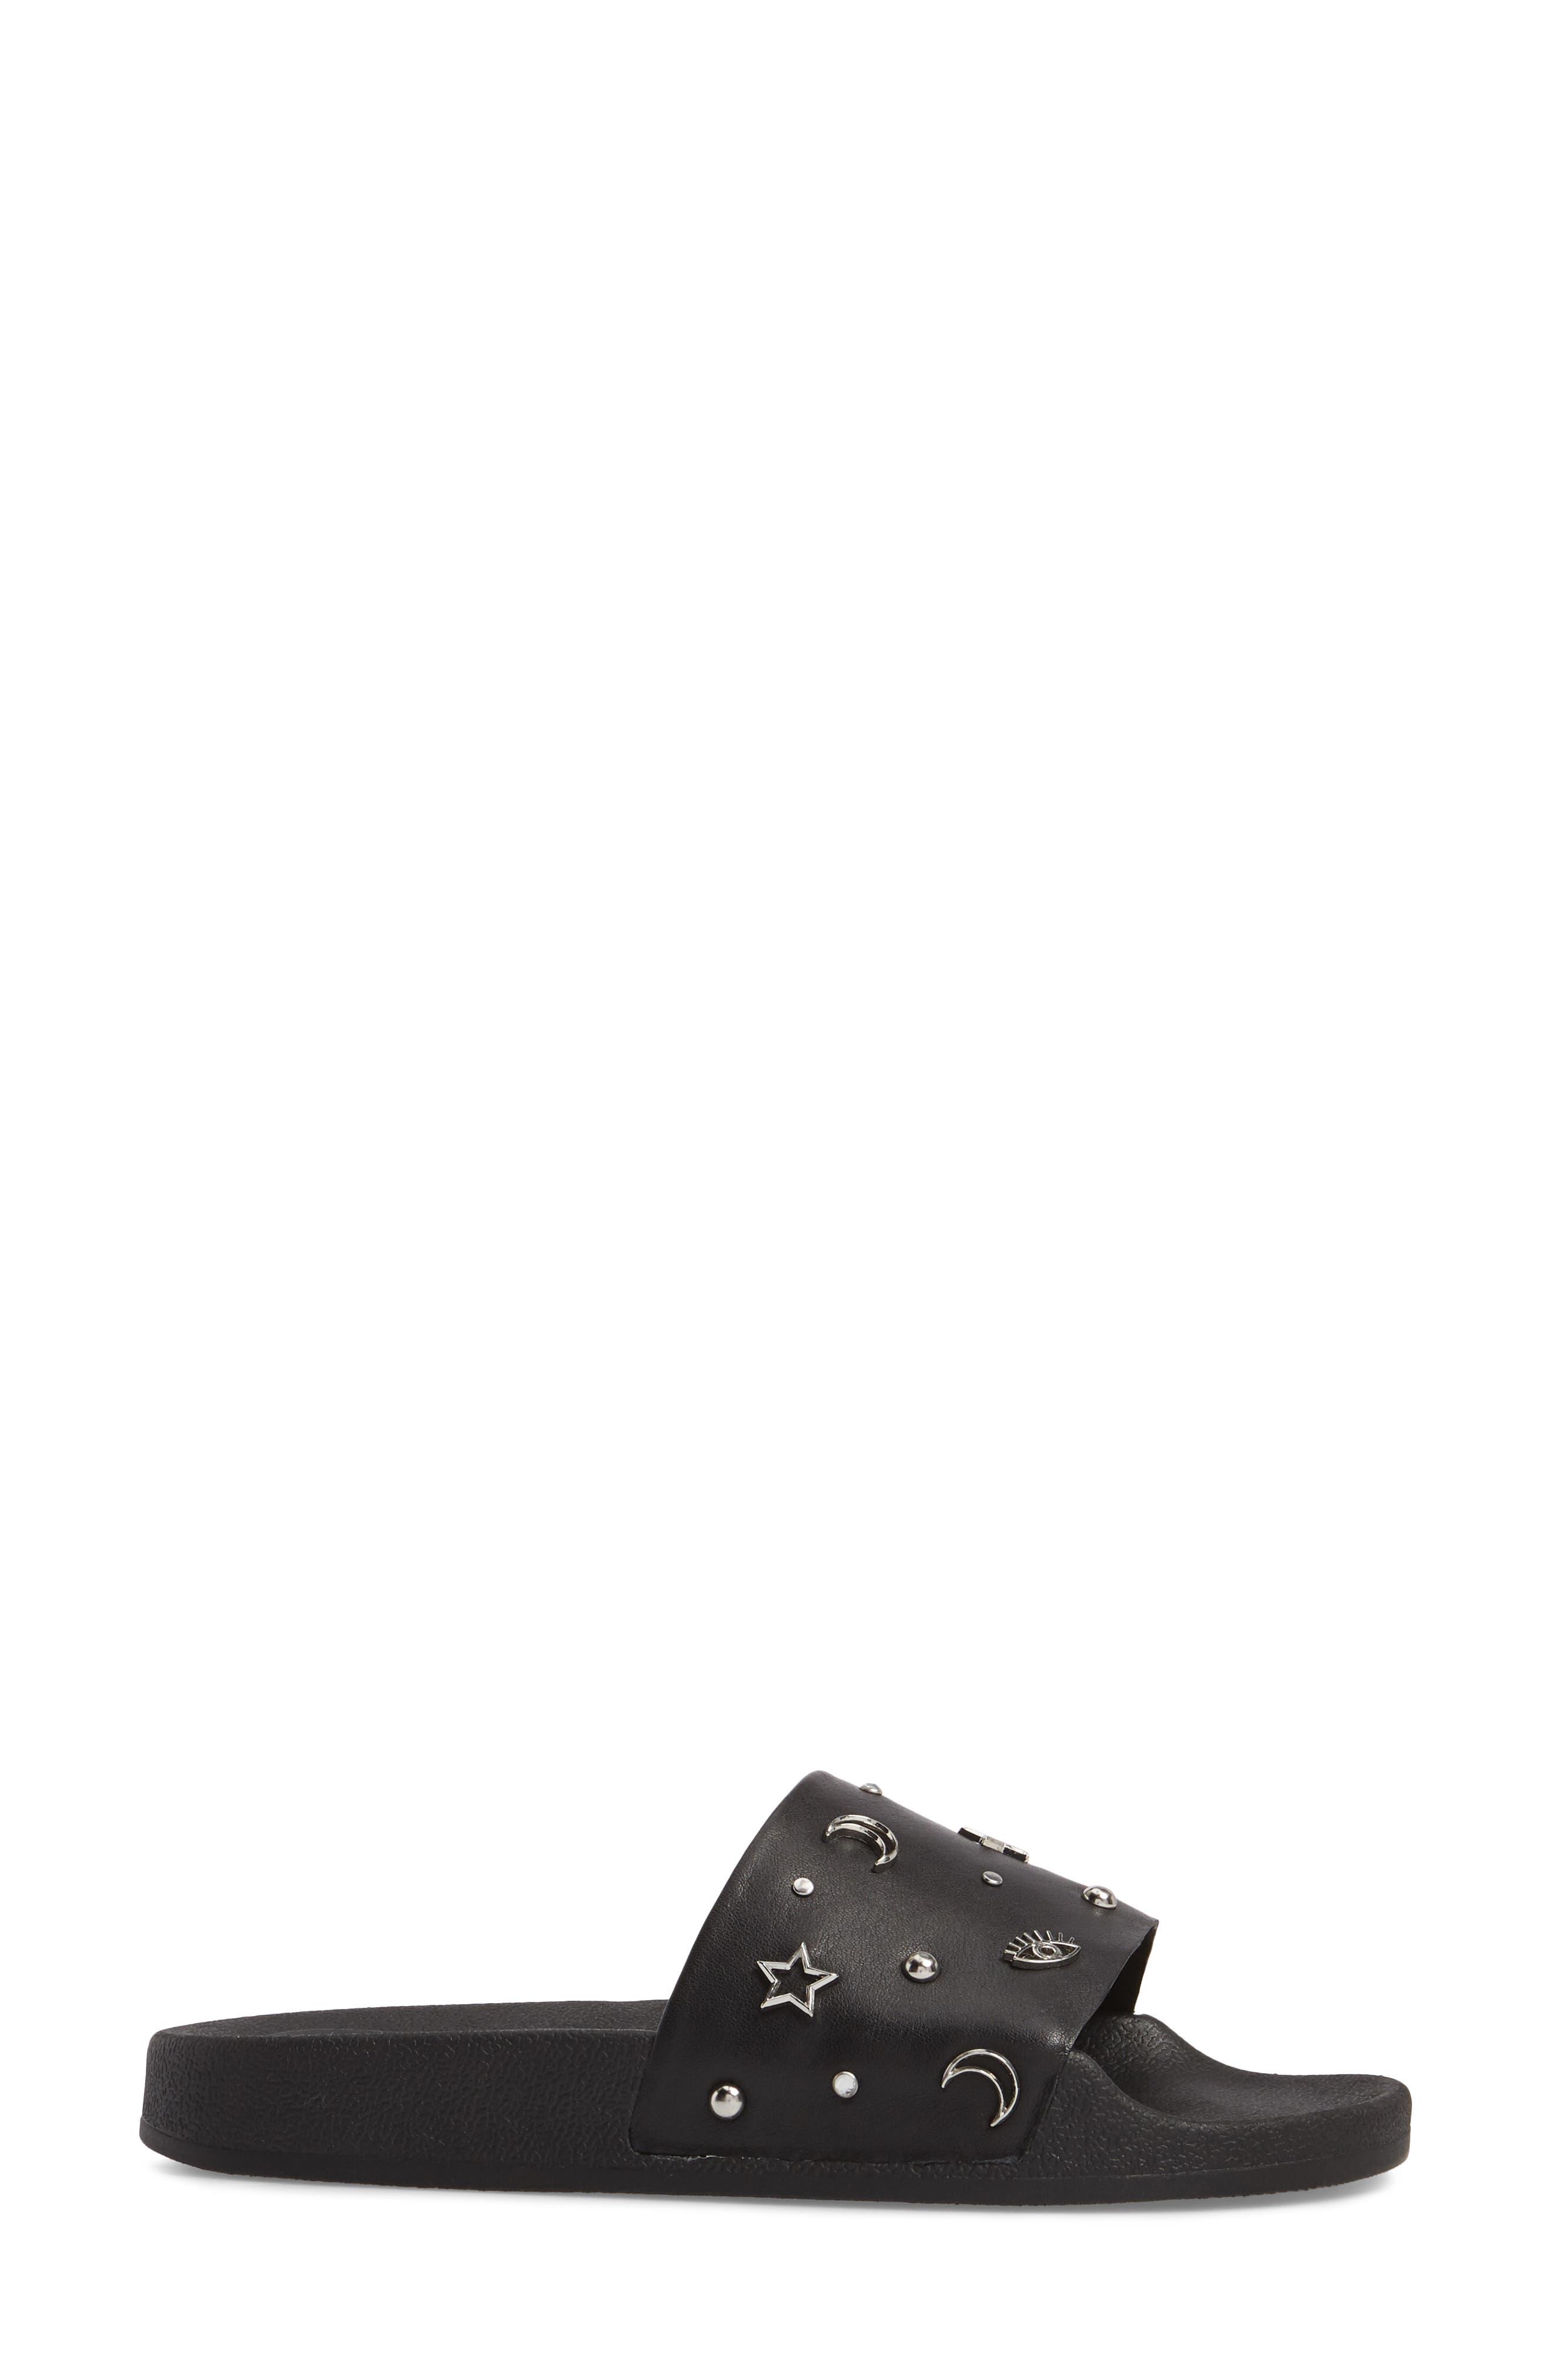 Thunder Slide Sandal,                             Alternate thumbnail 3, color,                             001